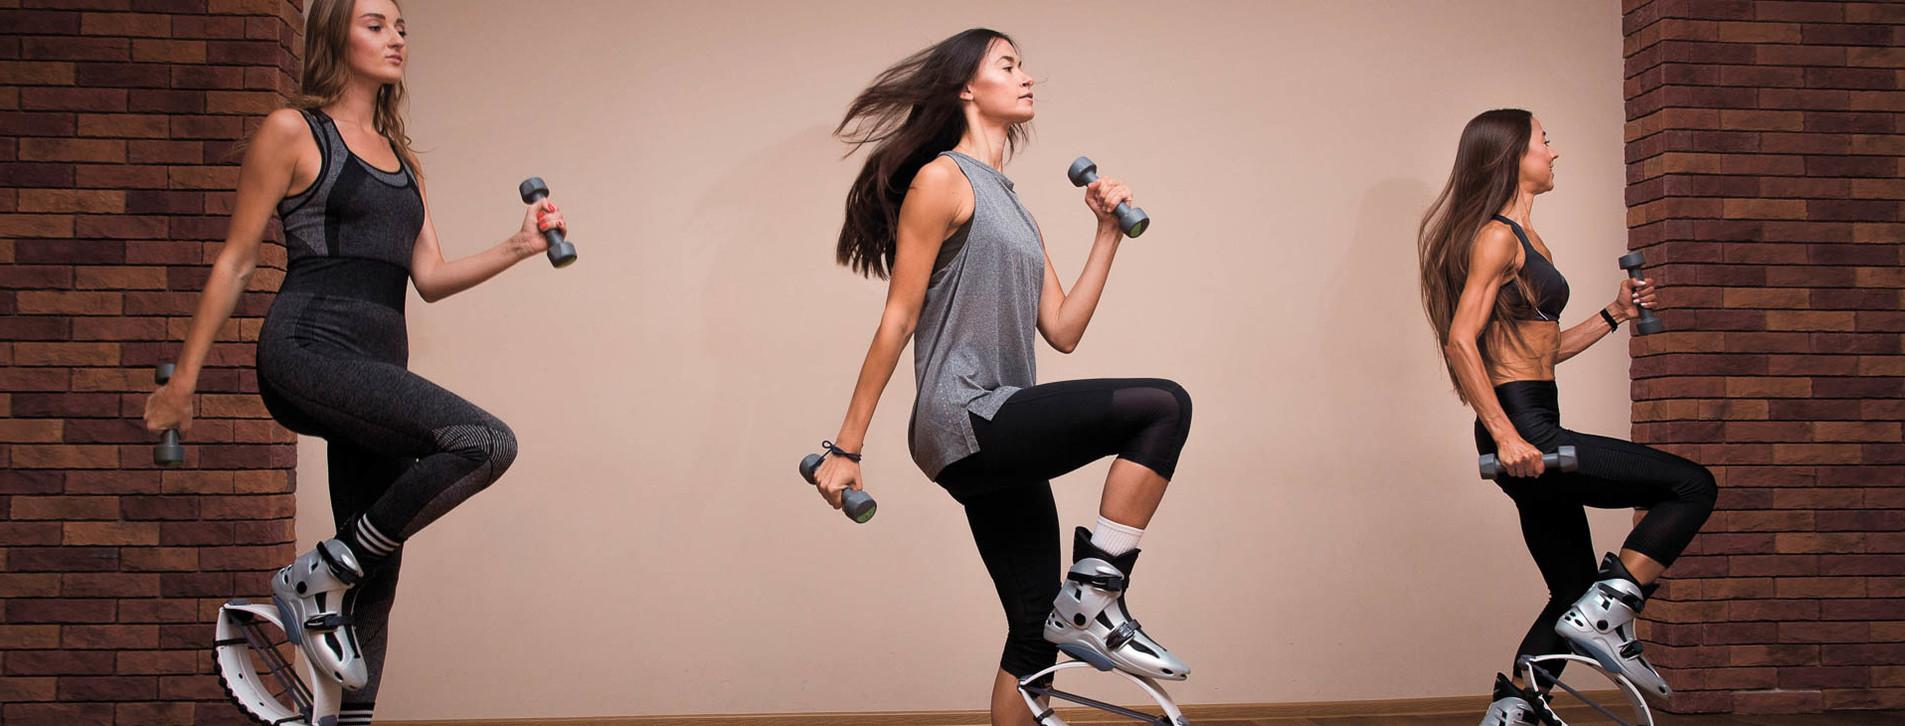 Фото - Kangoo jumps фитнес